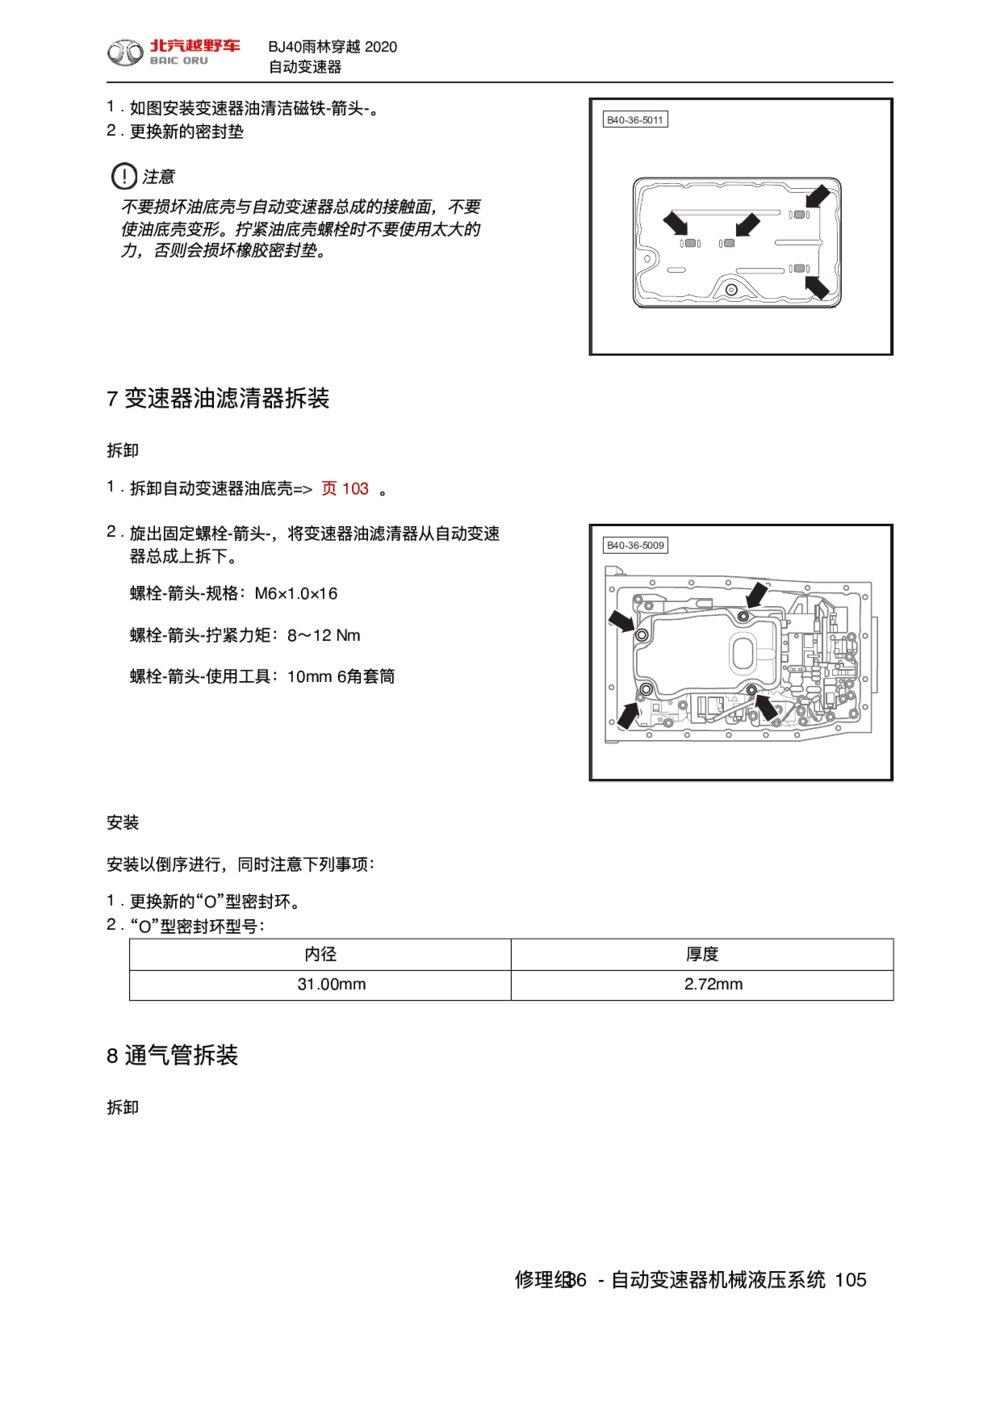 2020款北京BJ40雨林穿越版自动变速箱通气管拆装